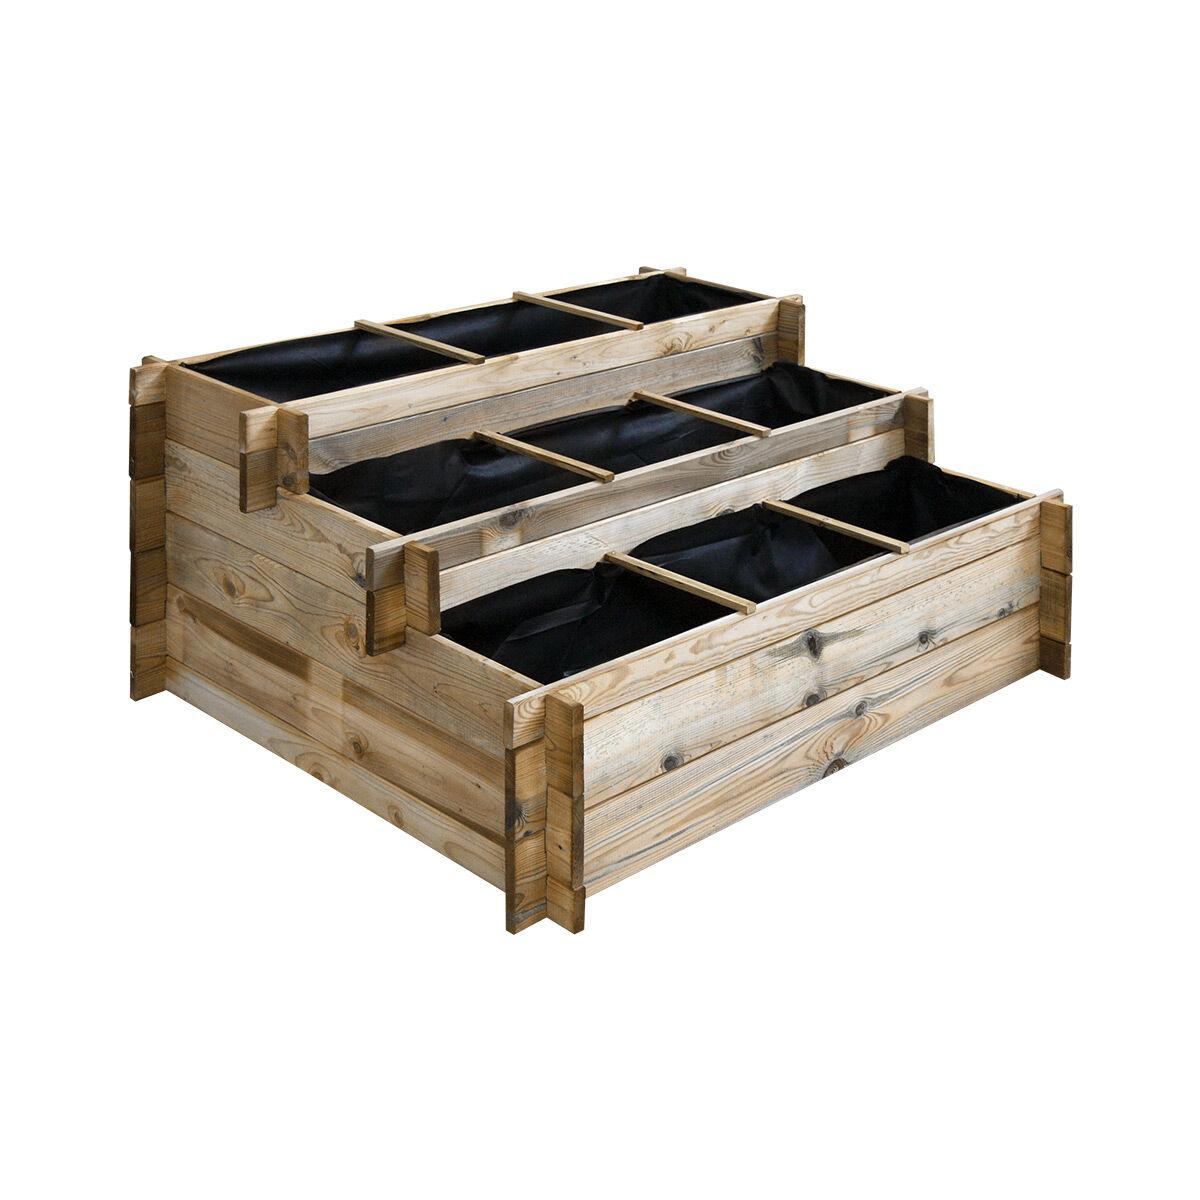 Cémonjardin Carré potager à étages en bois traité 120 x 100 cm